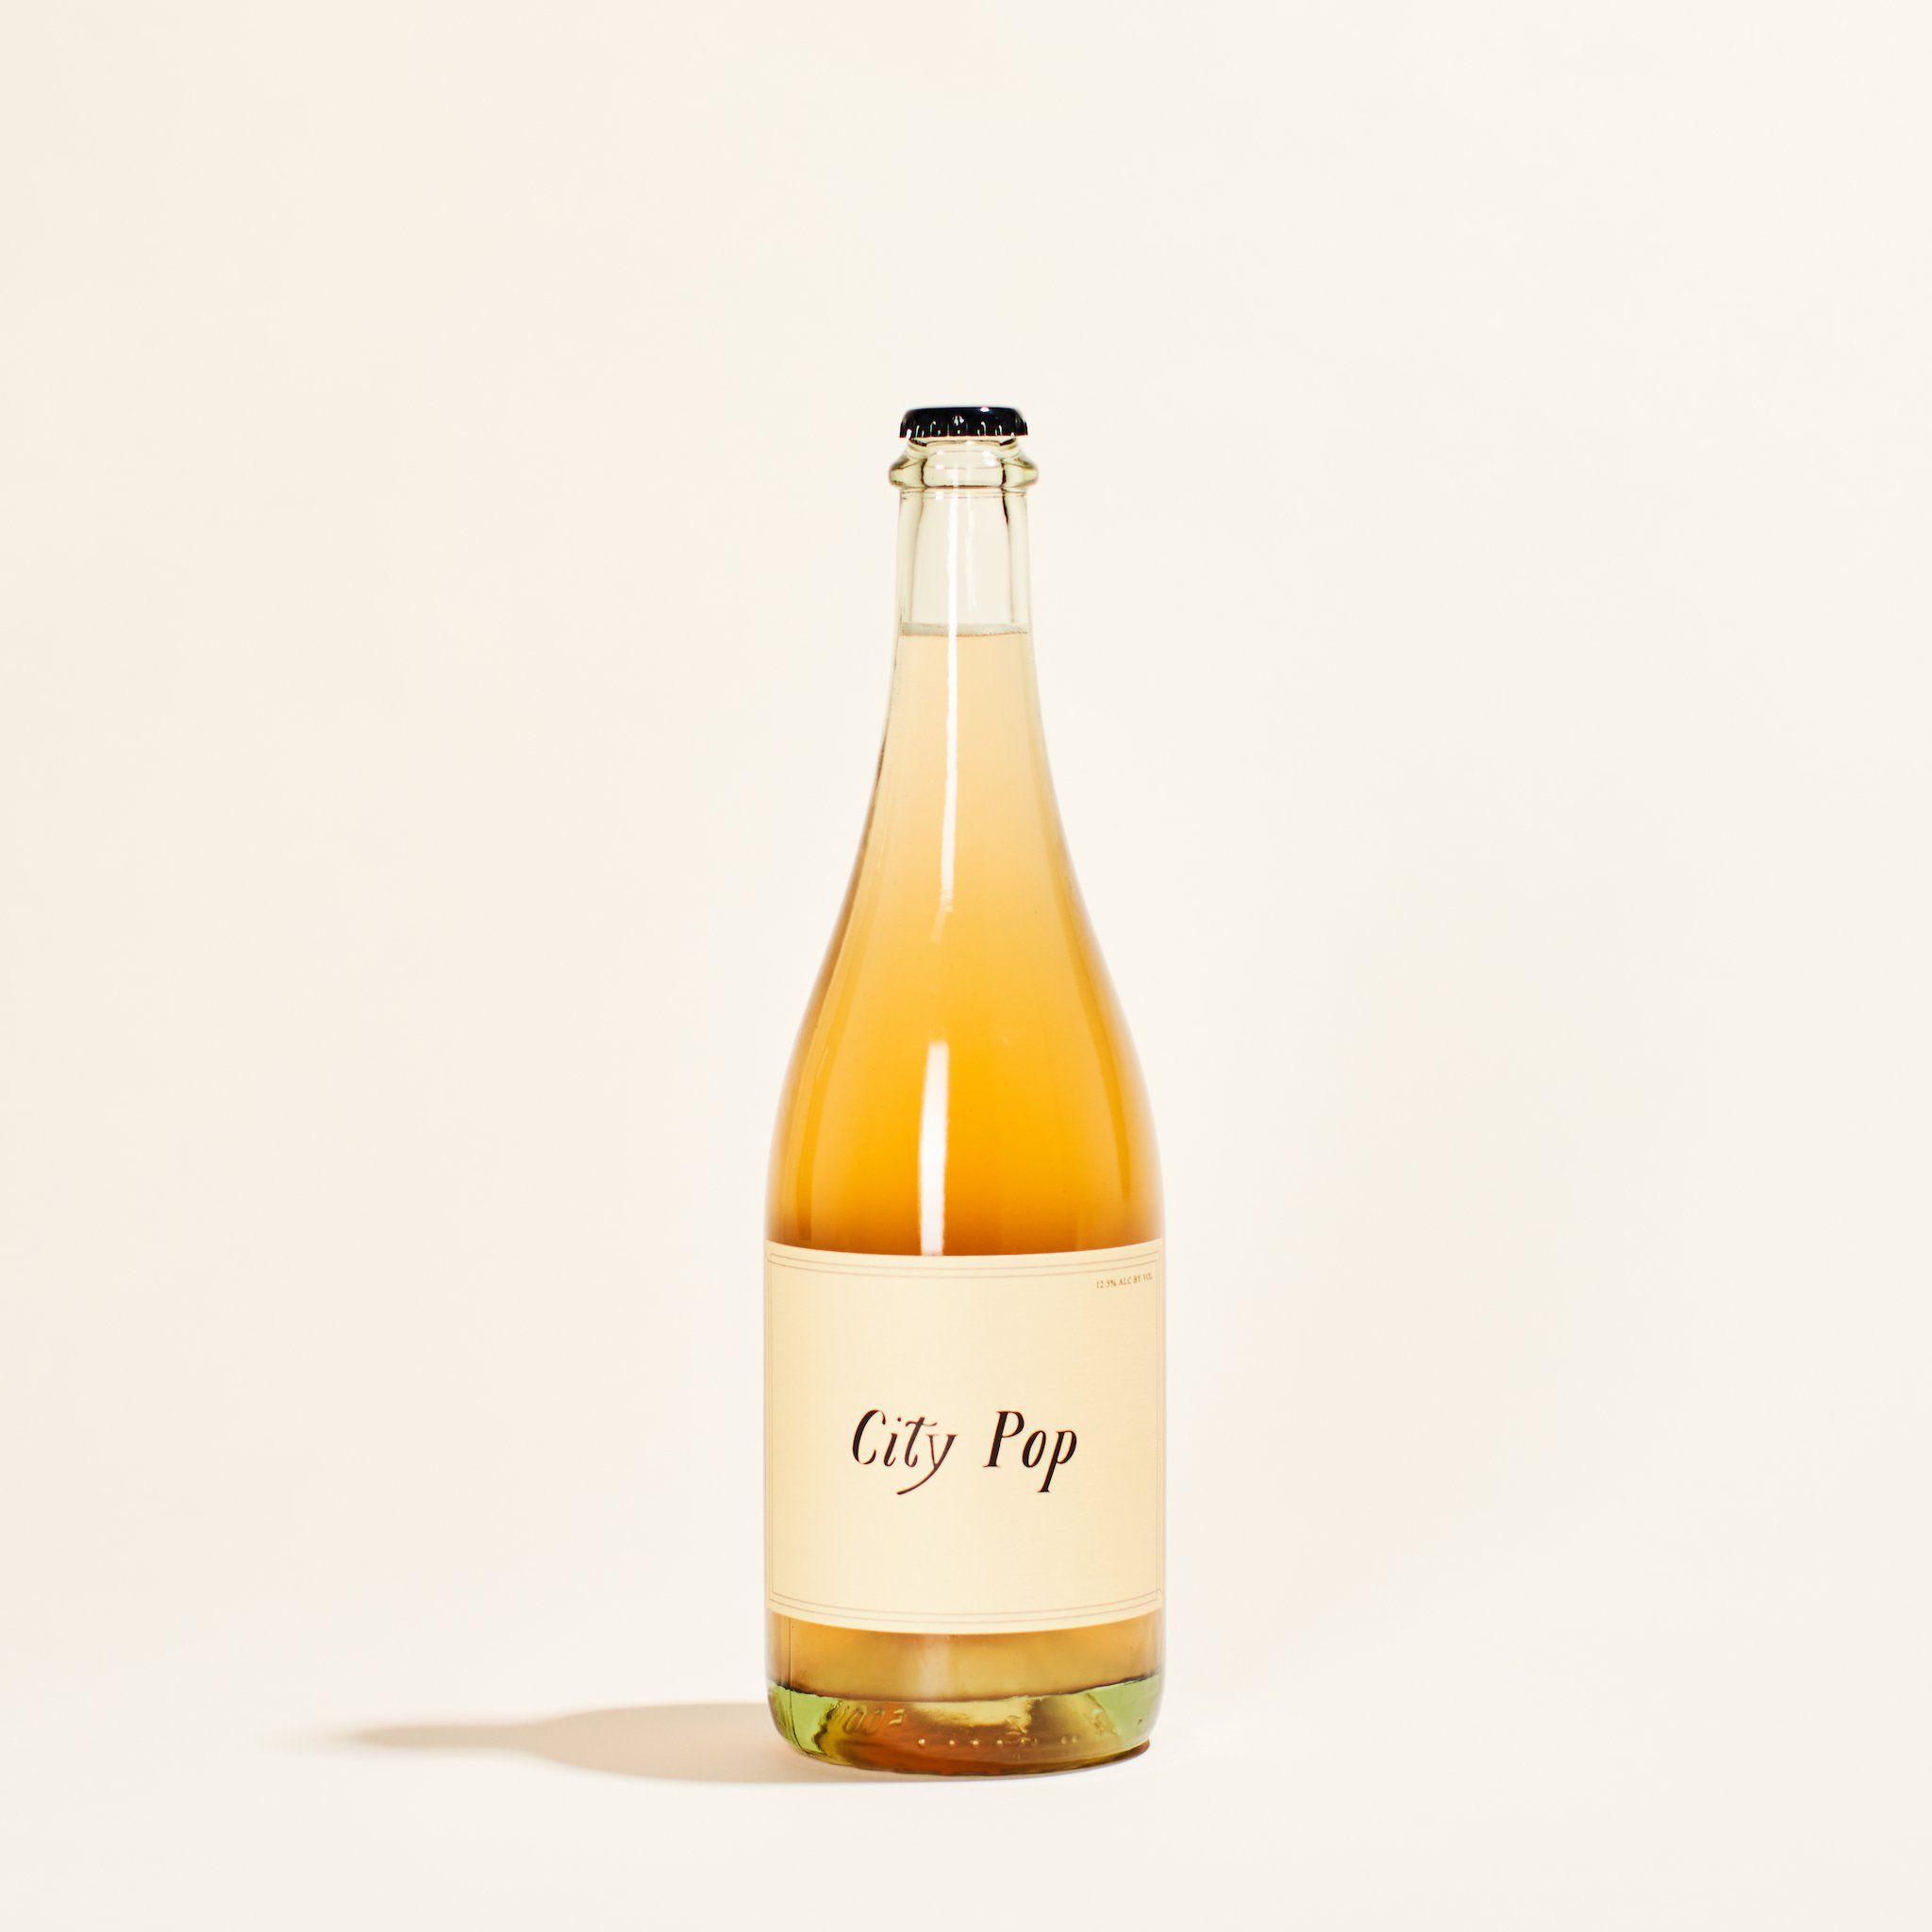 Swick Wines City Pop Pét-Nat